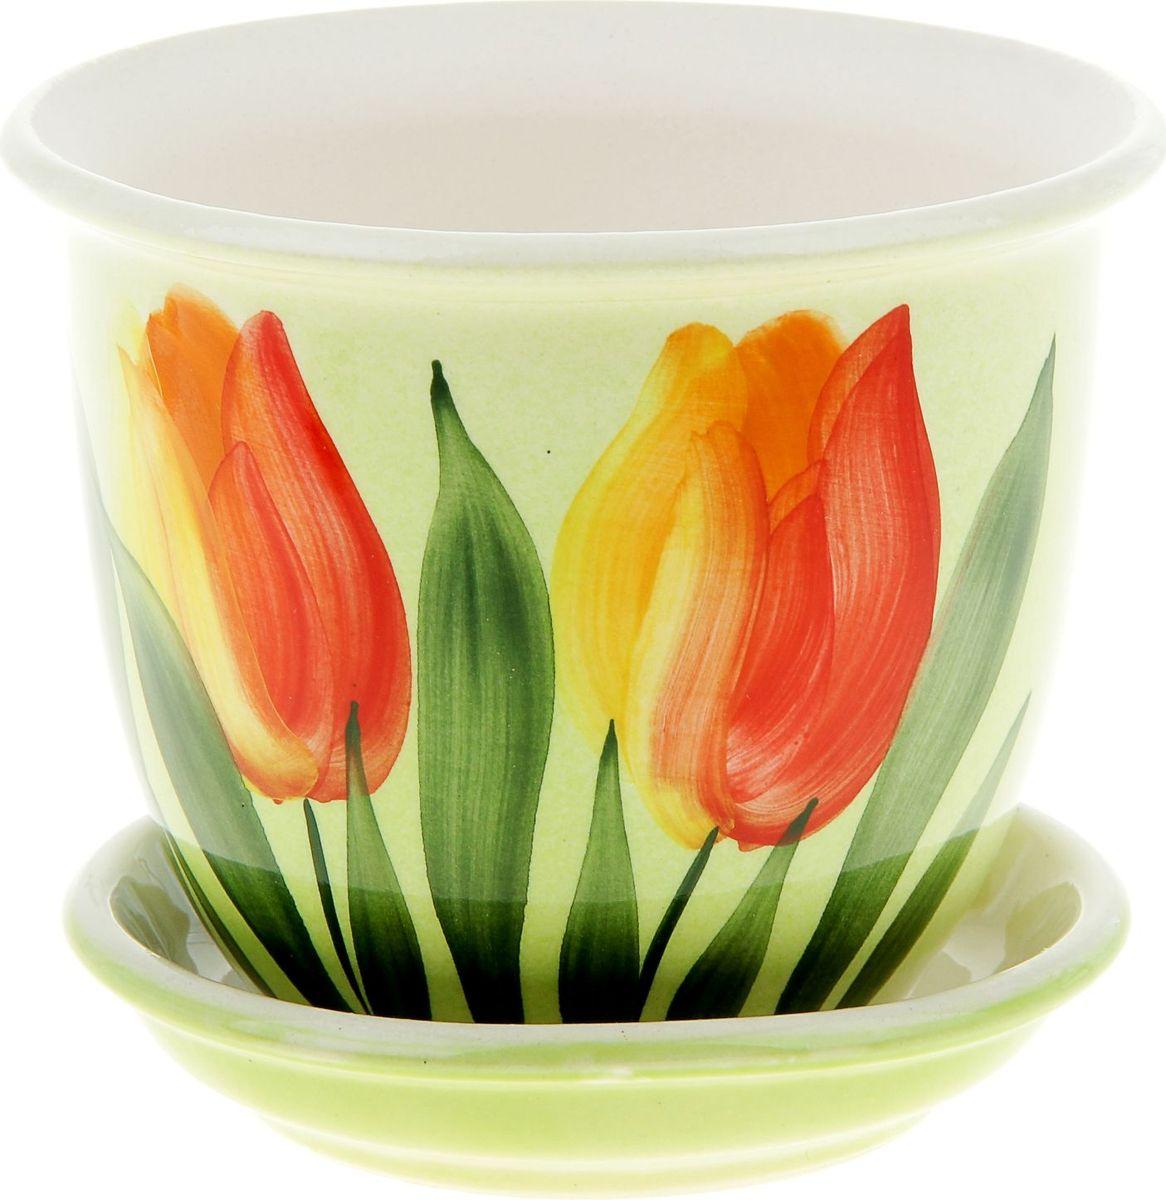 Кашпо Керамика ручной работы Классик. Тюльпан, цвет: красный, 0,5 л835612Комнатные растения — всеобщие любимцы. Они радуют глаз, насыщают помещение кислородом и украшают пространство. Каждому из них необходим свой удобный и красивый дом. Кашпо из керамики прекрасно подходят для высадки растений: за счет пластичности глины и разных способов обработки существует великое множество форм и дизайнов пористый материал позволяет испаряться лишней влаге воздух, необходимый для дыхания корней, проникает сквозь керамические стенки! Позаботится о зеленом питомце, освежит интерьер и подчеркнет его стиль.